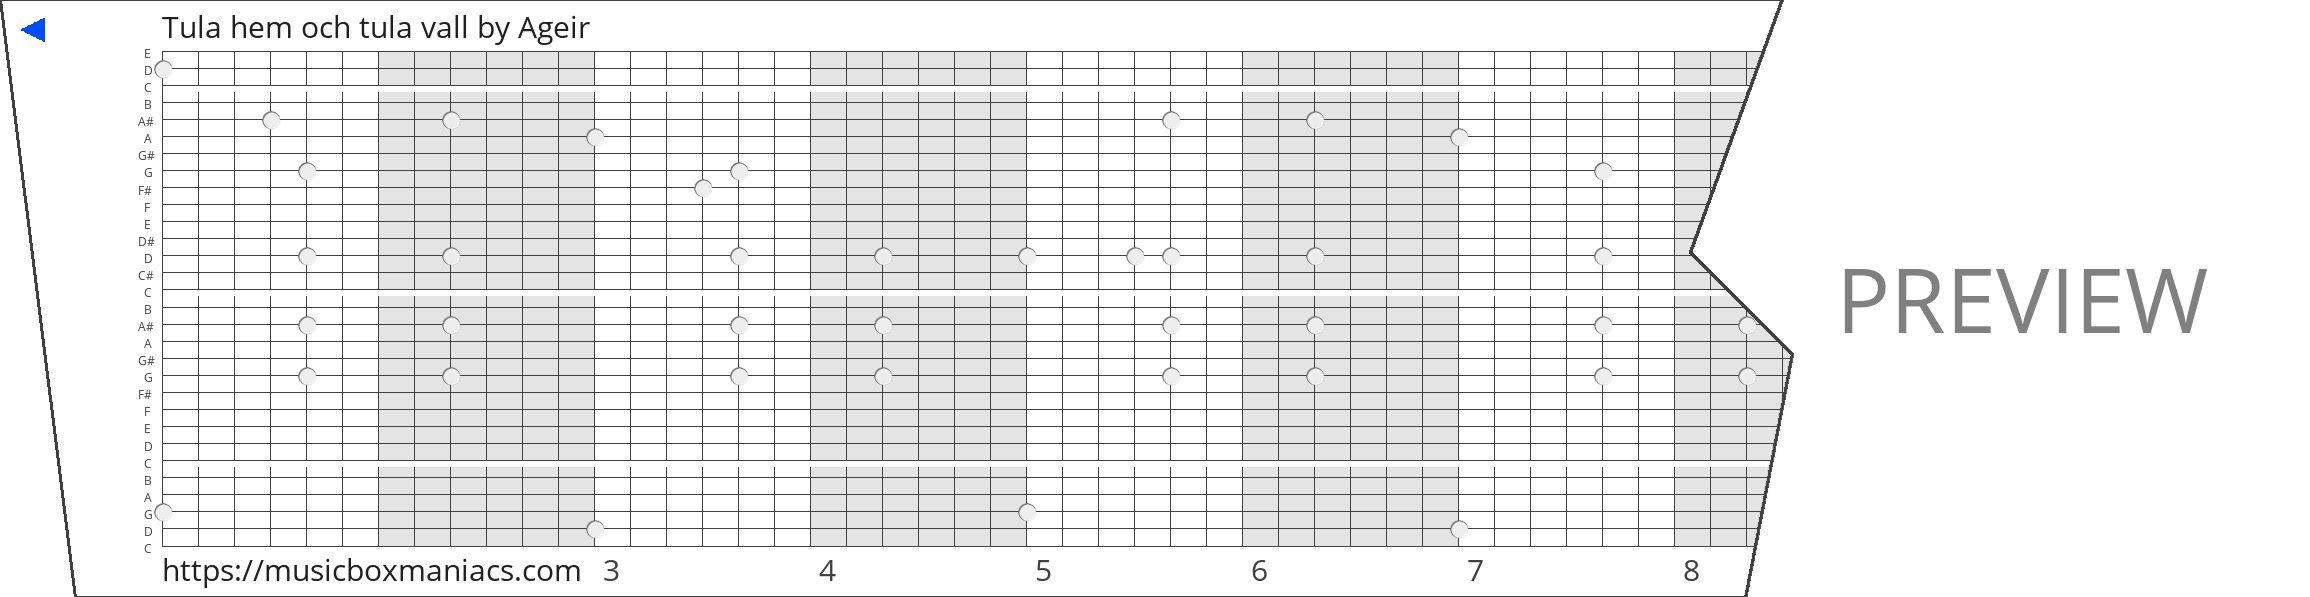 Tula hem och tula vall 30 note music box paper strip